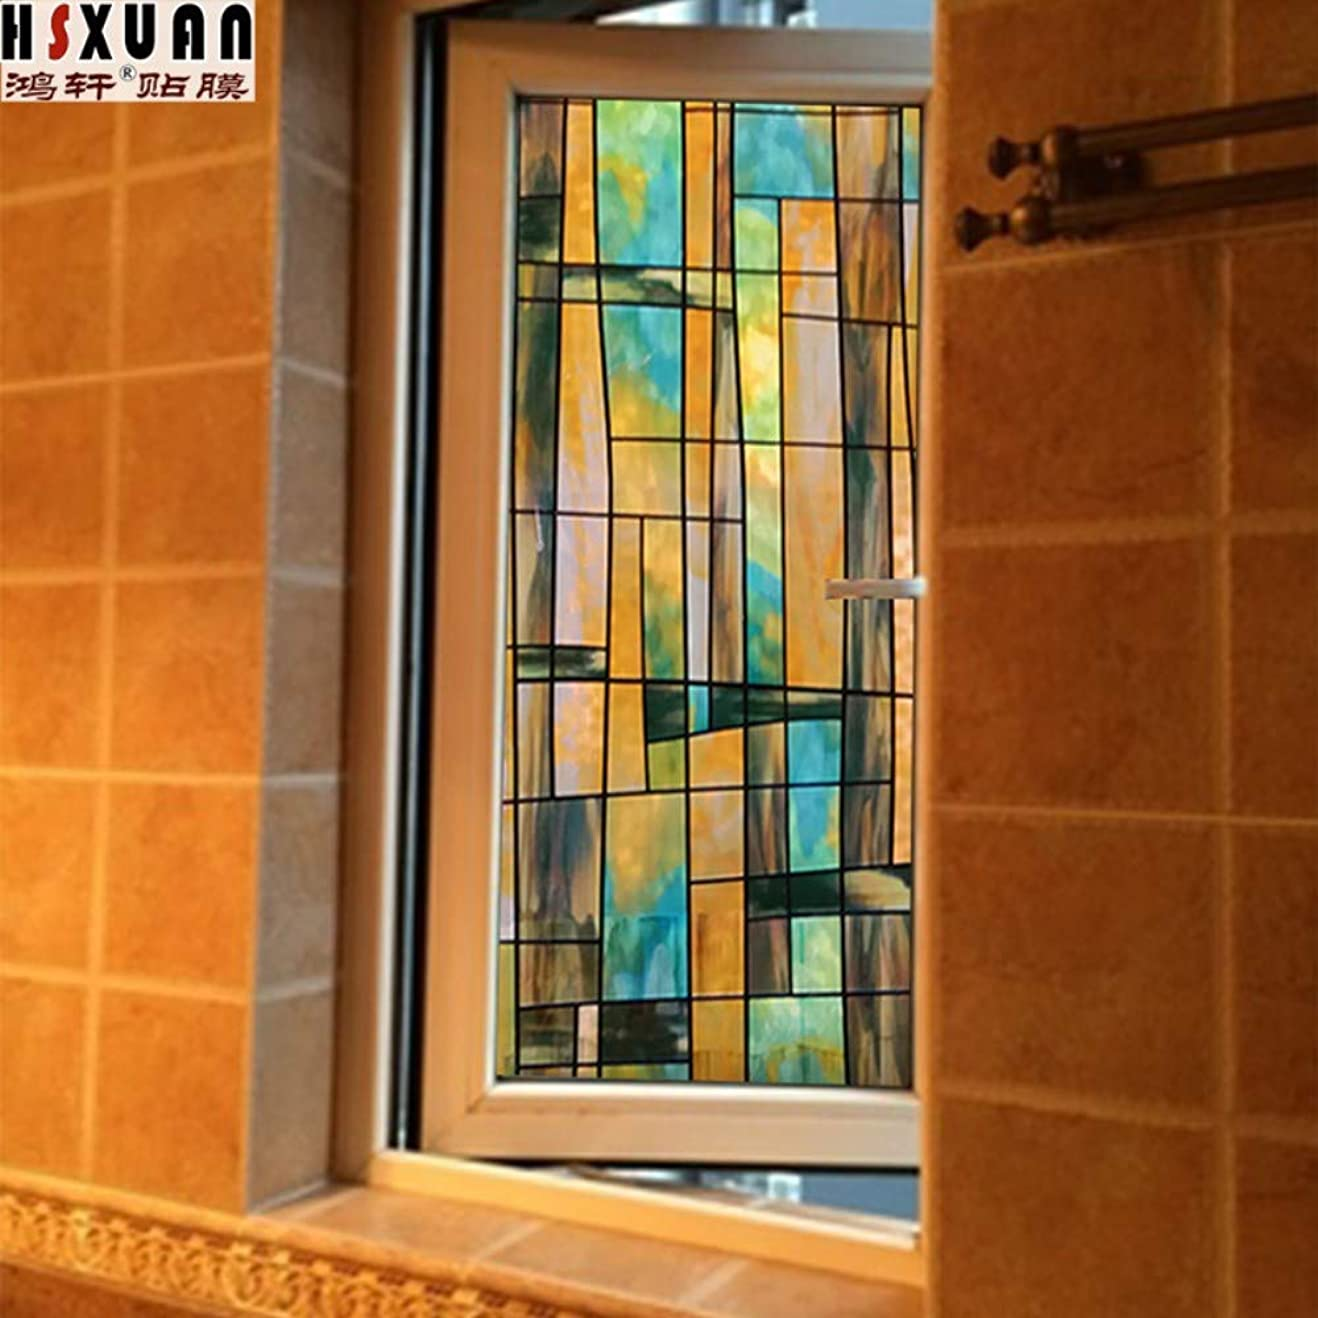 エージェント棚恒久的窓のステッカーガラスフィルムの浴室の窓のステッカー曇らされたプライバシーステッカー停電および反射防止